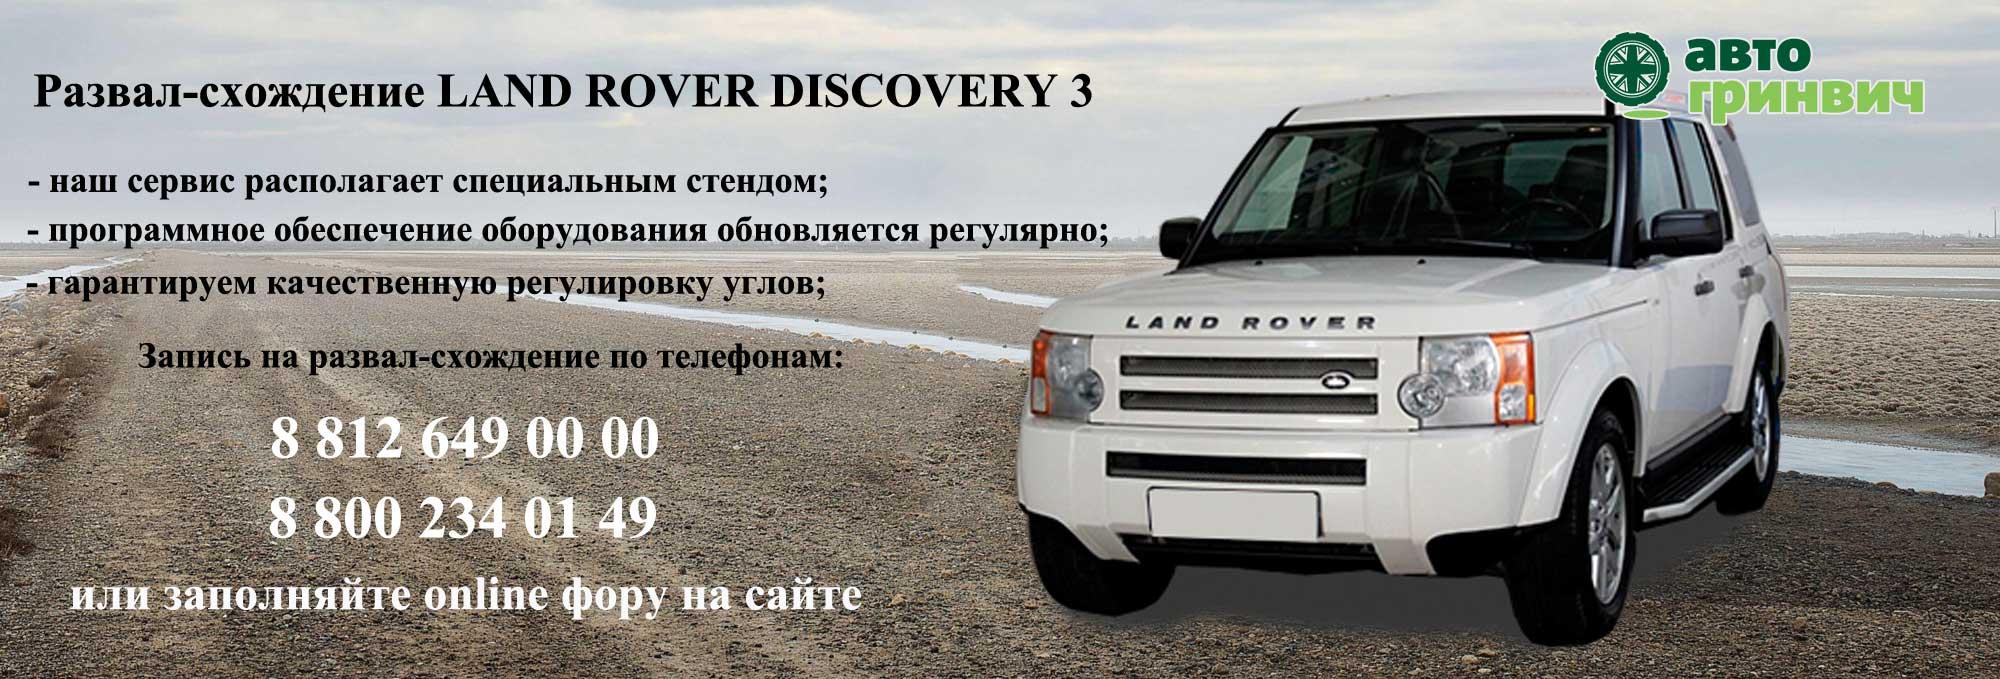 Развал-схождение Discovery 3